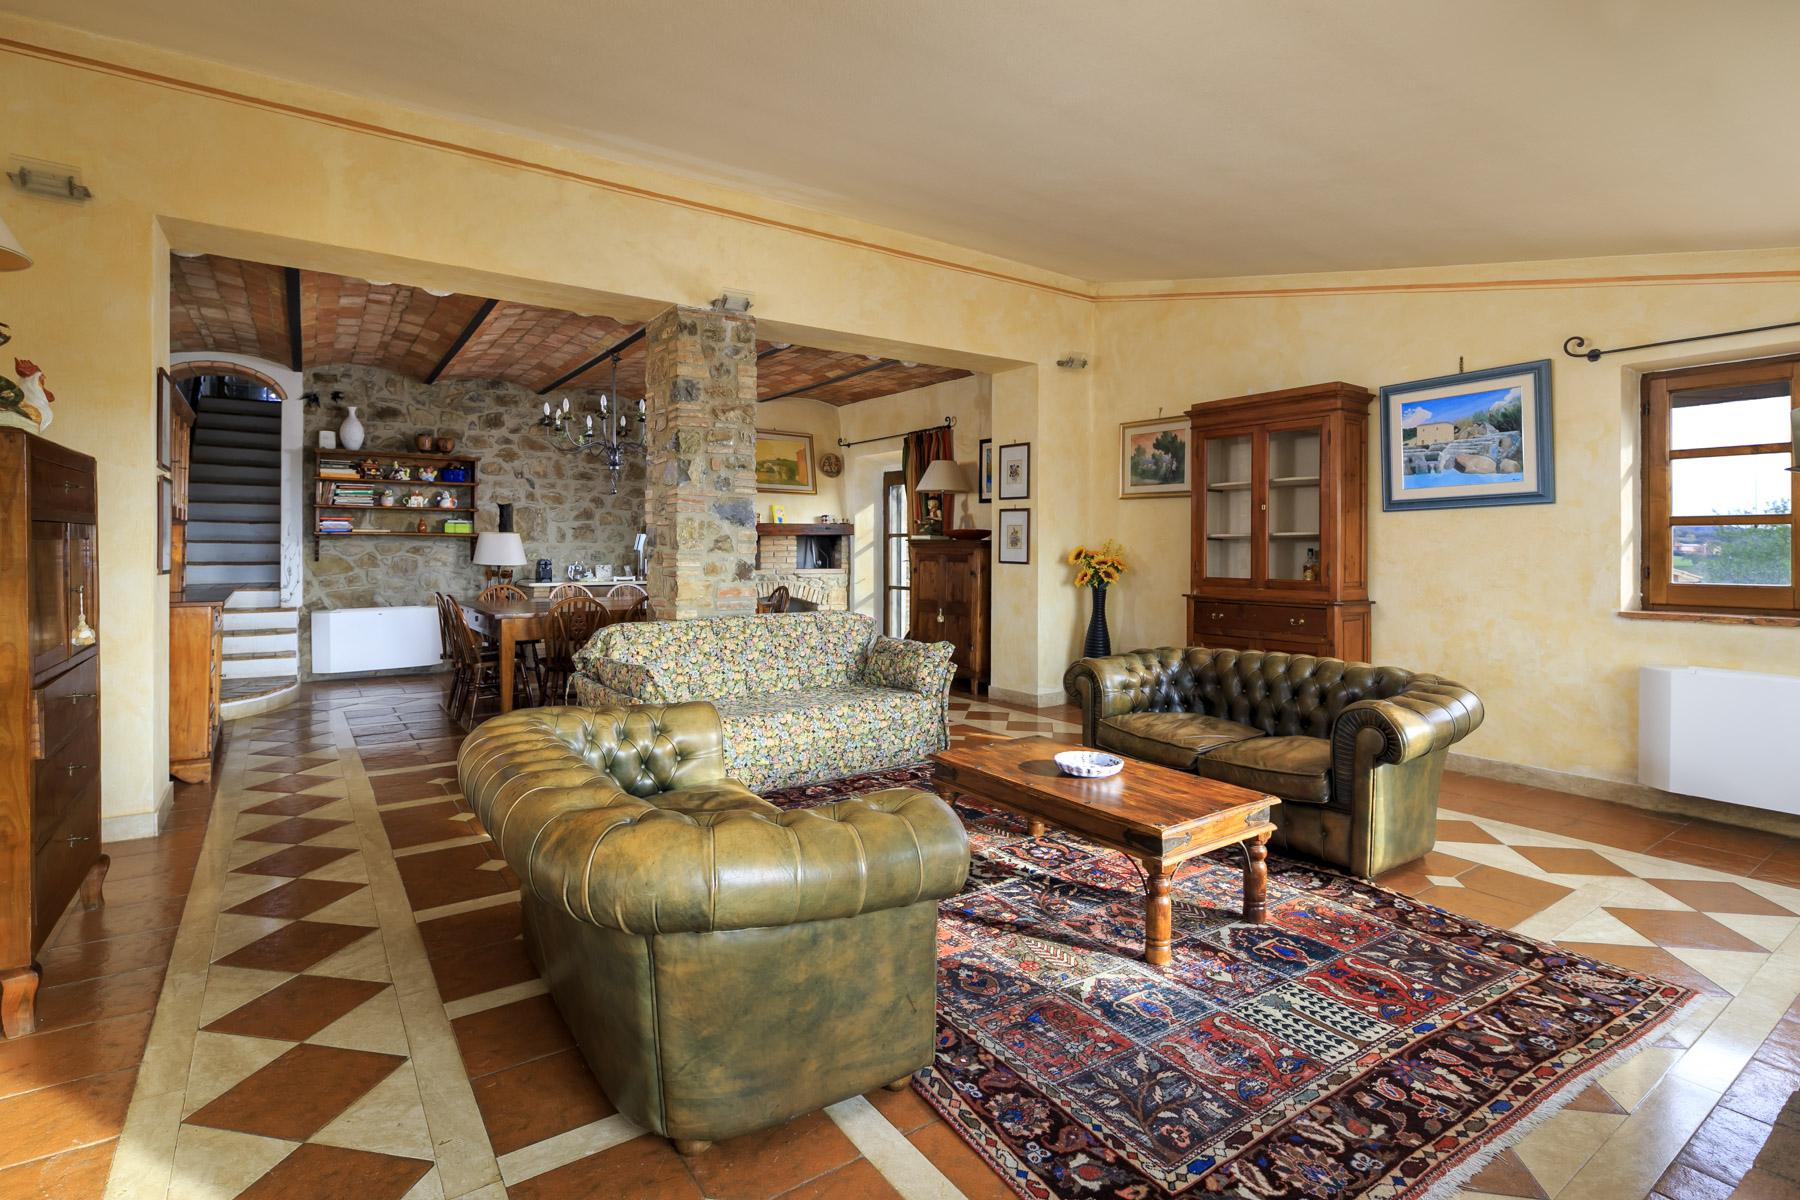 Rustico in Vendita a Manciano: 5 locali, 500 mq - Foto 16